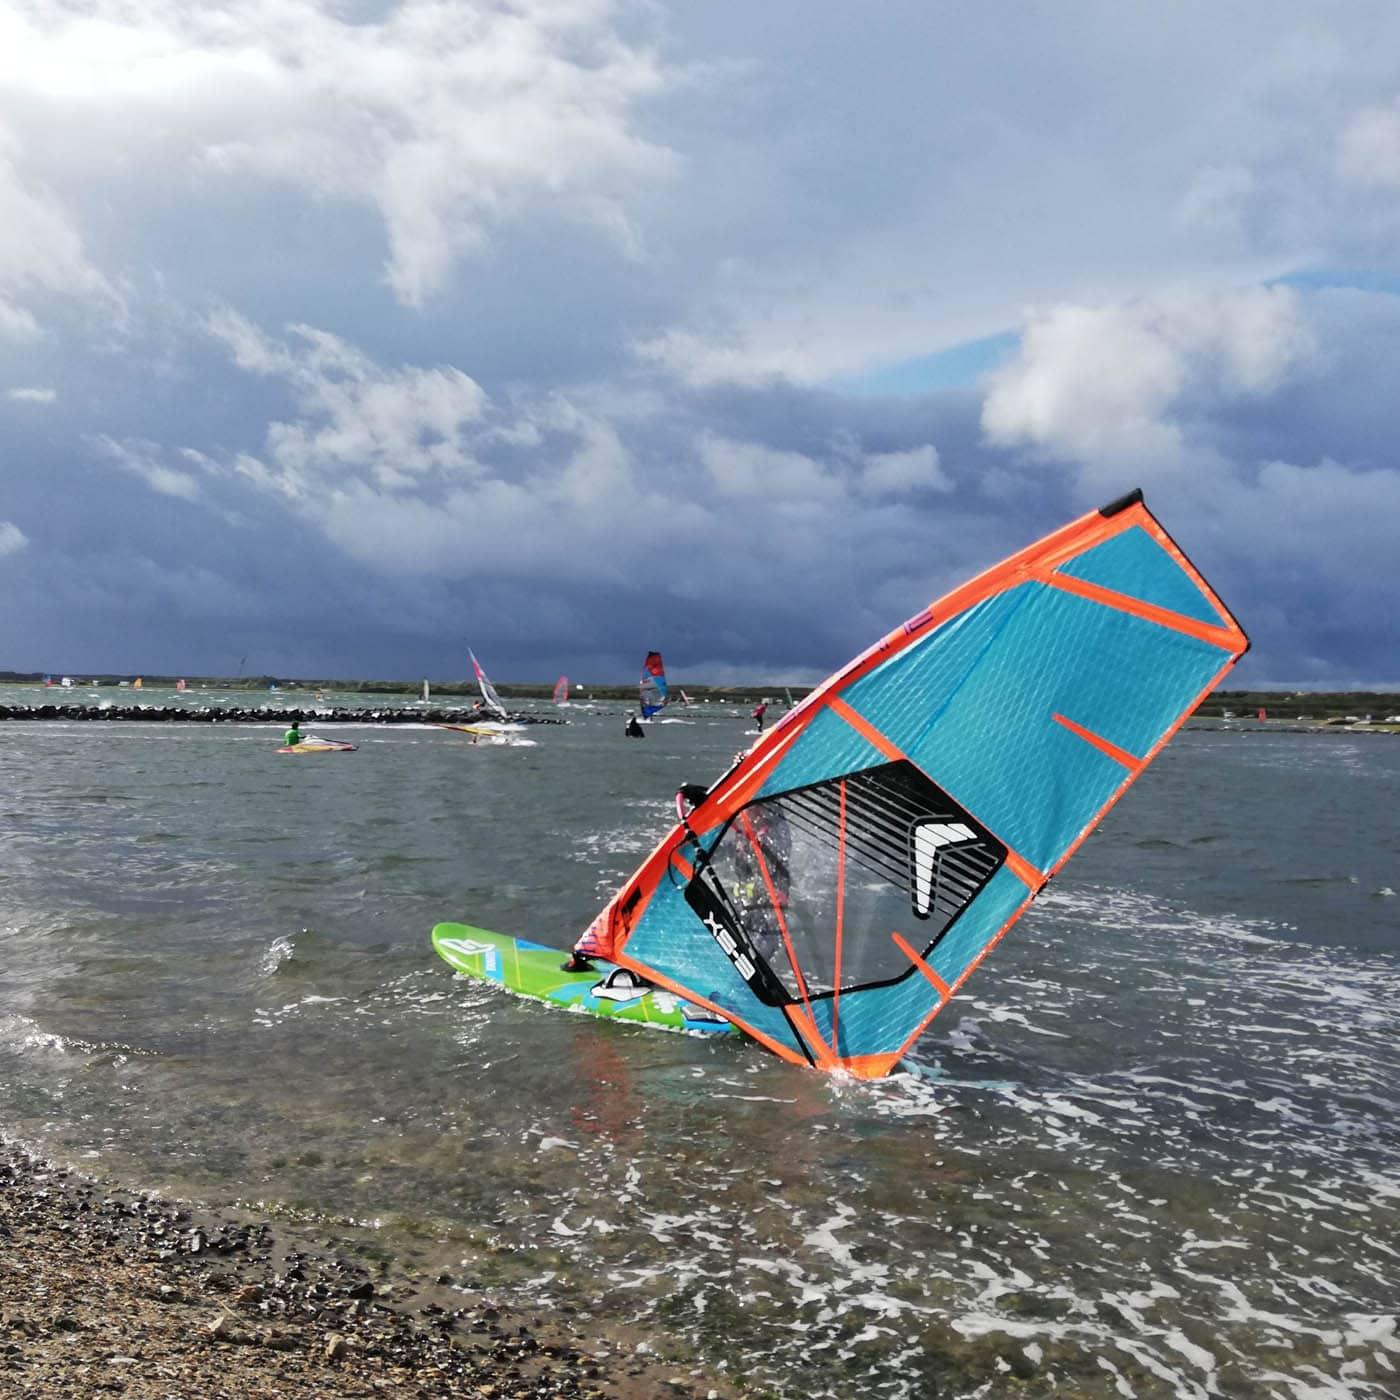 Familienurlaub in Zeeland, Niederlande: Windsurfen // HIMBEER